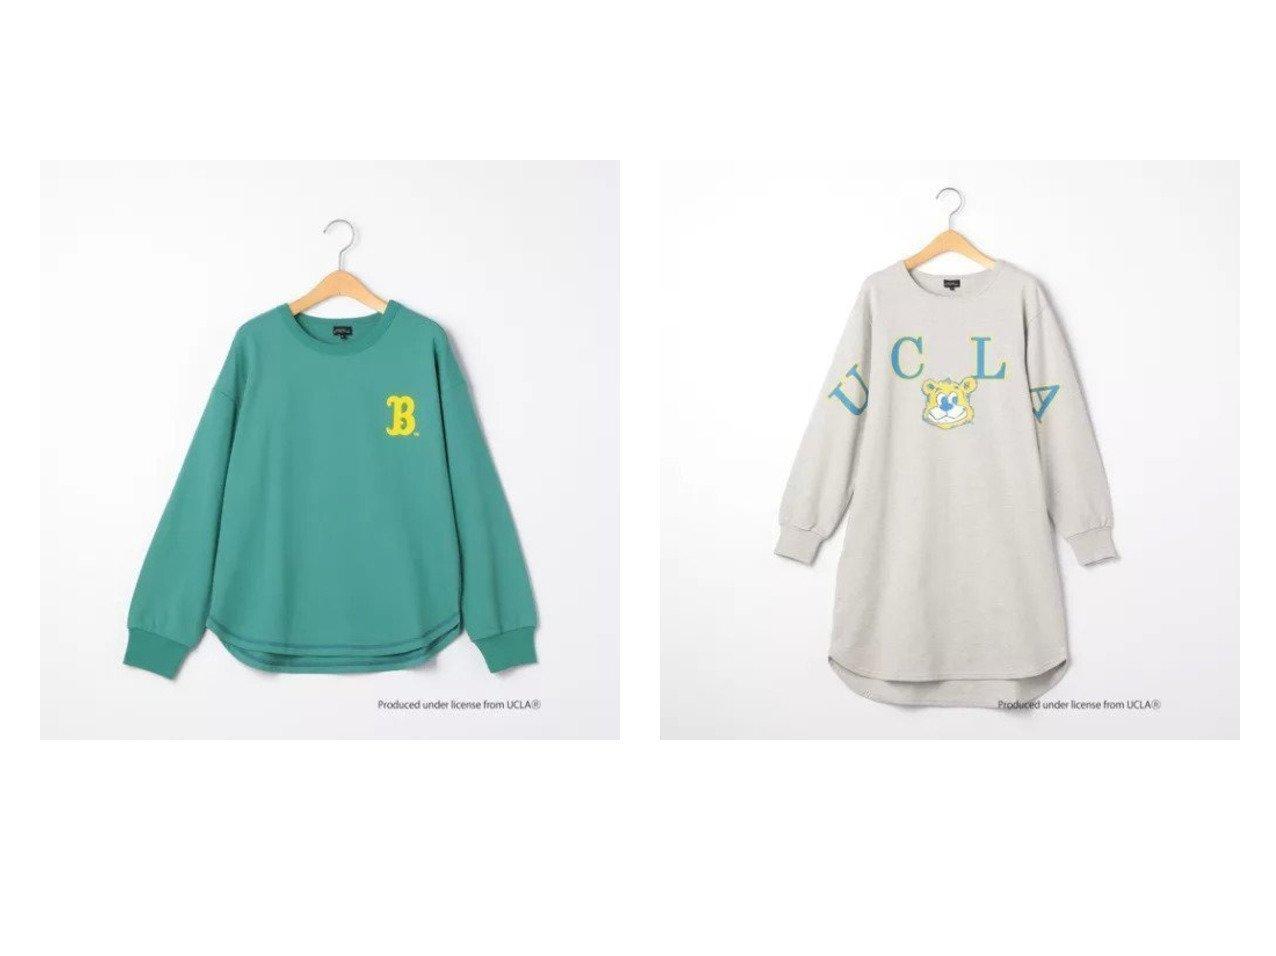 【green label relaxing / UNITED ARROWS / KIDS/グリーンレーベルリラクシング】の〔別注〕【ジュニア】UCLA プリントプルオーバー&〔別注〕【ジュニア】UCLA プリントワンピース KIDS】子供服のおすすめ!人気トレンド・キッズファッションの通販 おすすめで人気の流行・トレンド、ファッションの通販商品 メンズファッション・キッズファッション・インテリア・家具・レディースファッション・服の通販 founy(ファニー) https://founy.com/ ファッション Fashion キッズファッション KIDS トップス Tops Tees Kids ワンピース Dress Kids トレンド フロント プリント ラウンド ワンポイント 別注 |ID:crp329100000018378